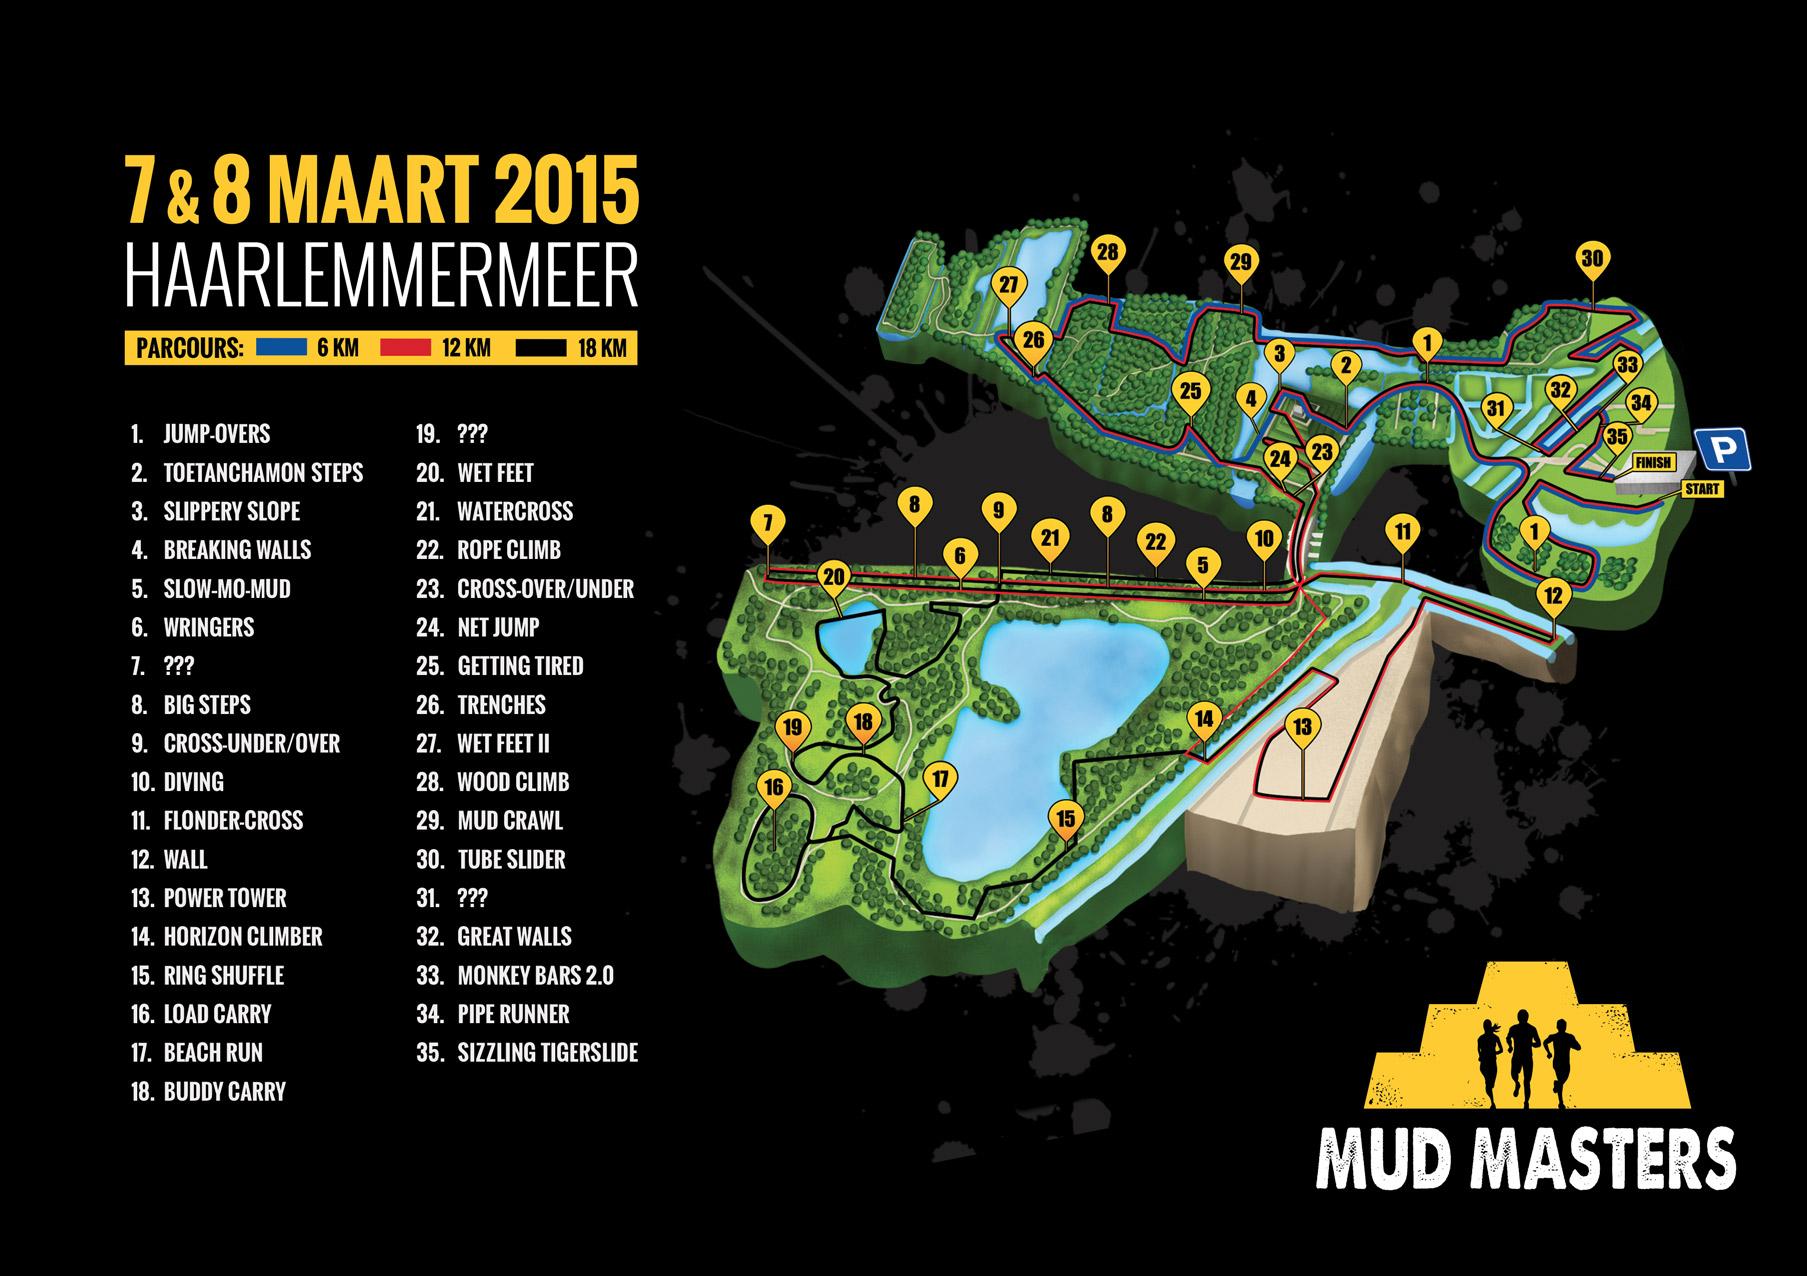 Haarlemmermeer 2015 Mud Masters Obstacle Run